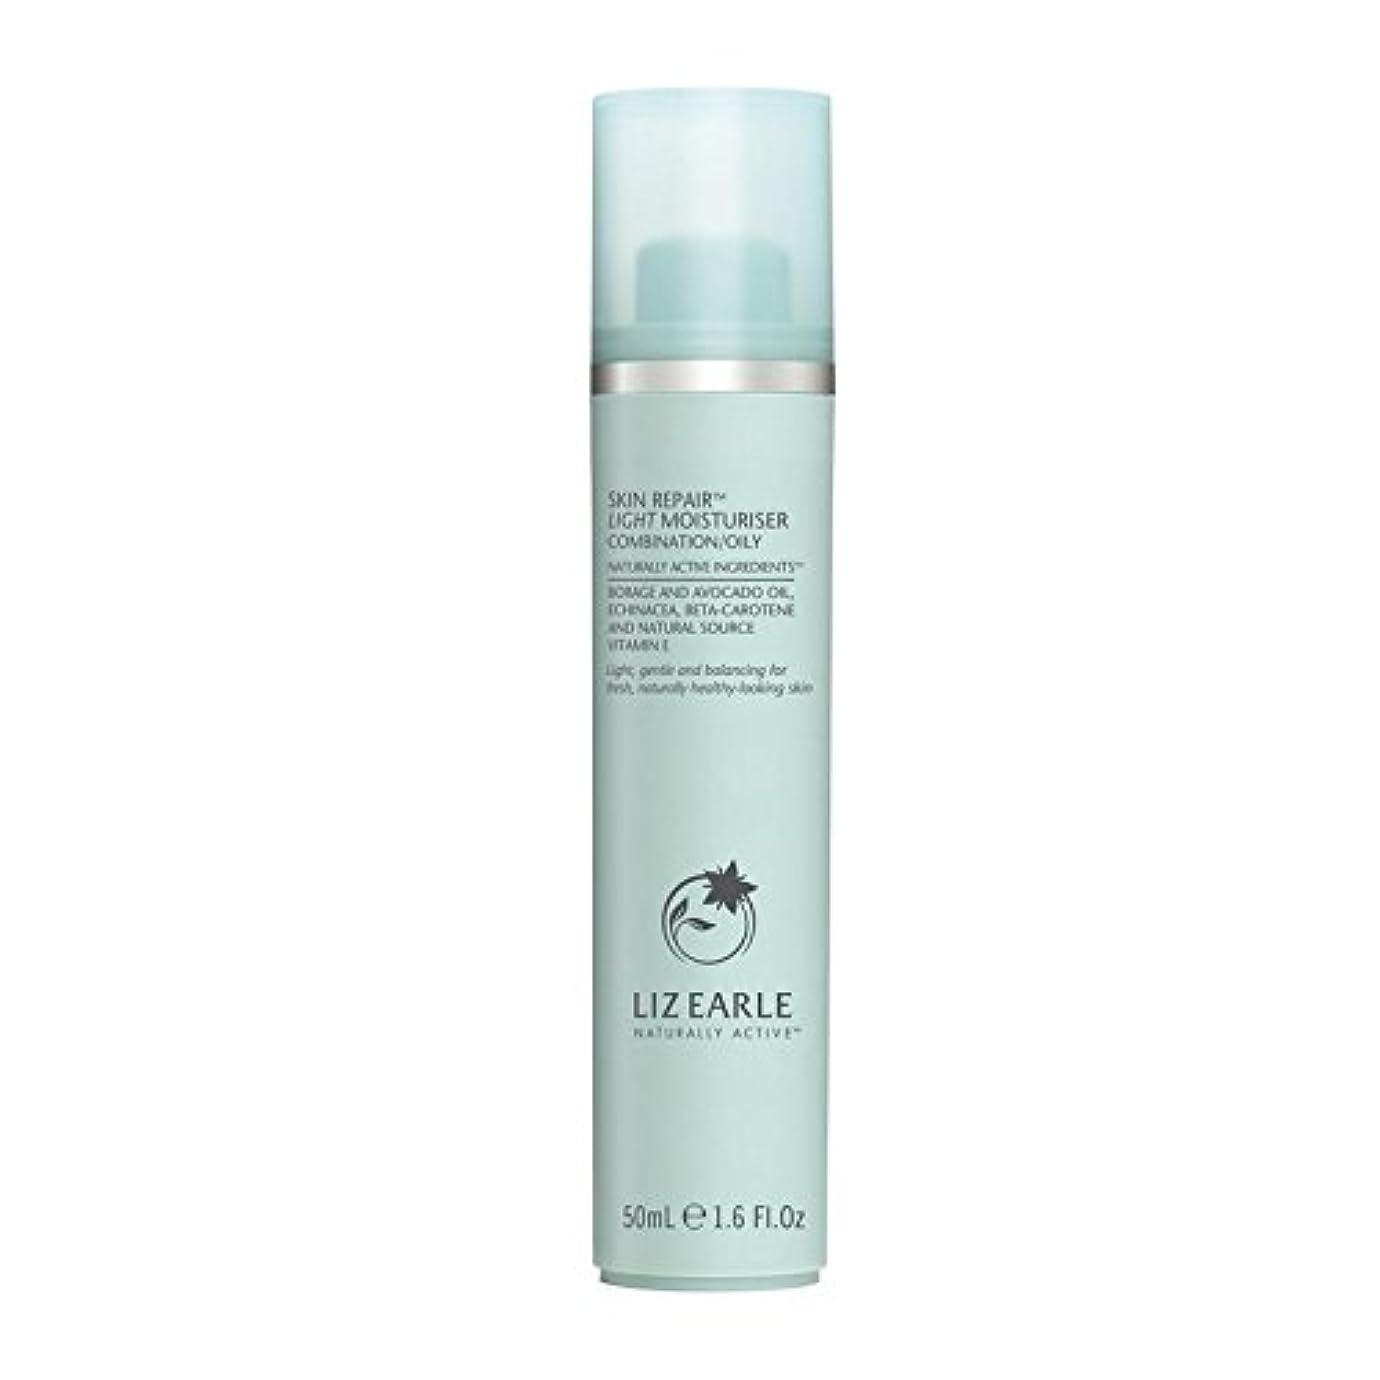 発生器気づかない規制Liz Earle Skin Repair Light Moisturiser Combination/Oily 50ml (Pack of 6) - リズアールスキンリペア光の保湿剤の組み合わせ/油性50ミリリットル x6 [並行輸入品]